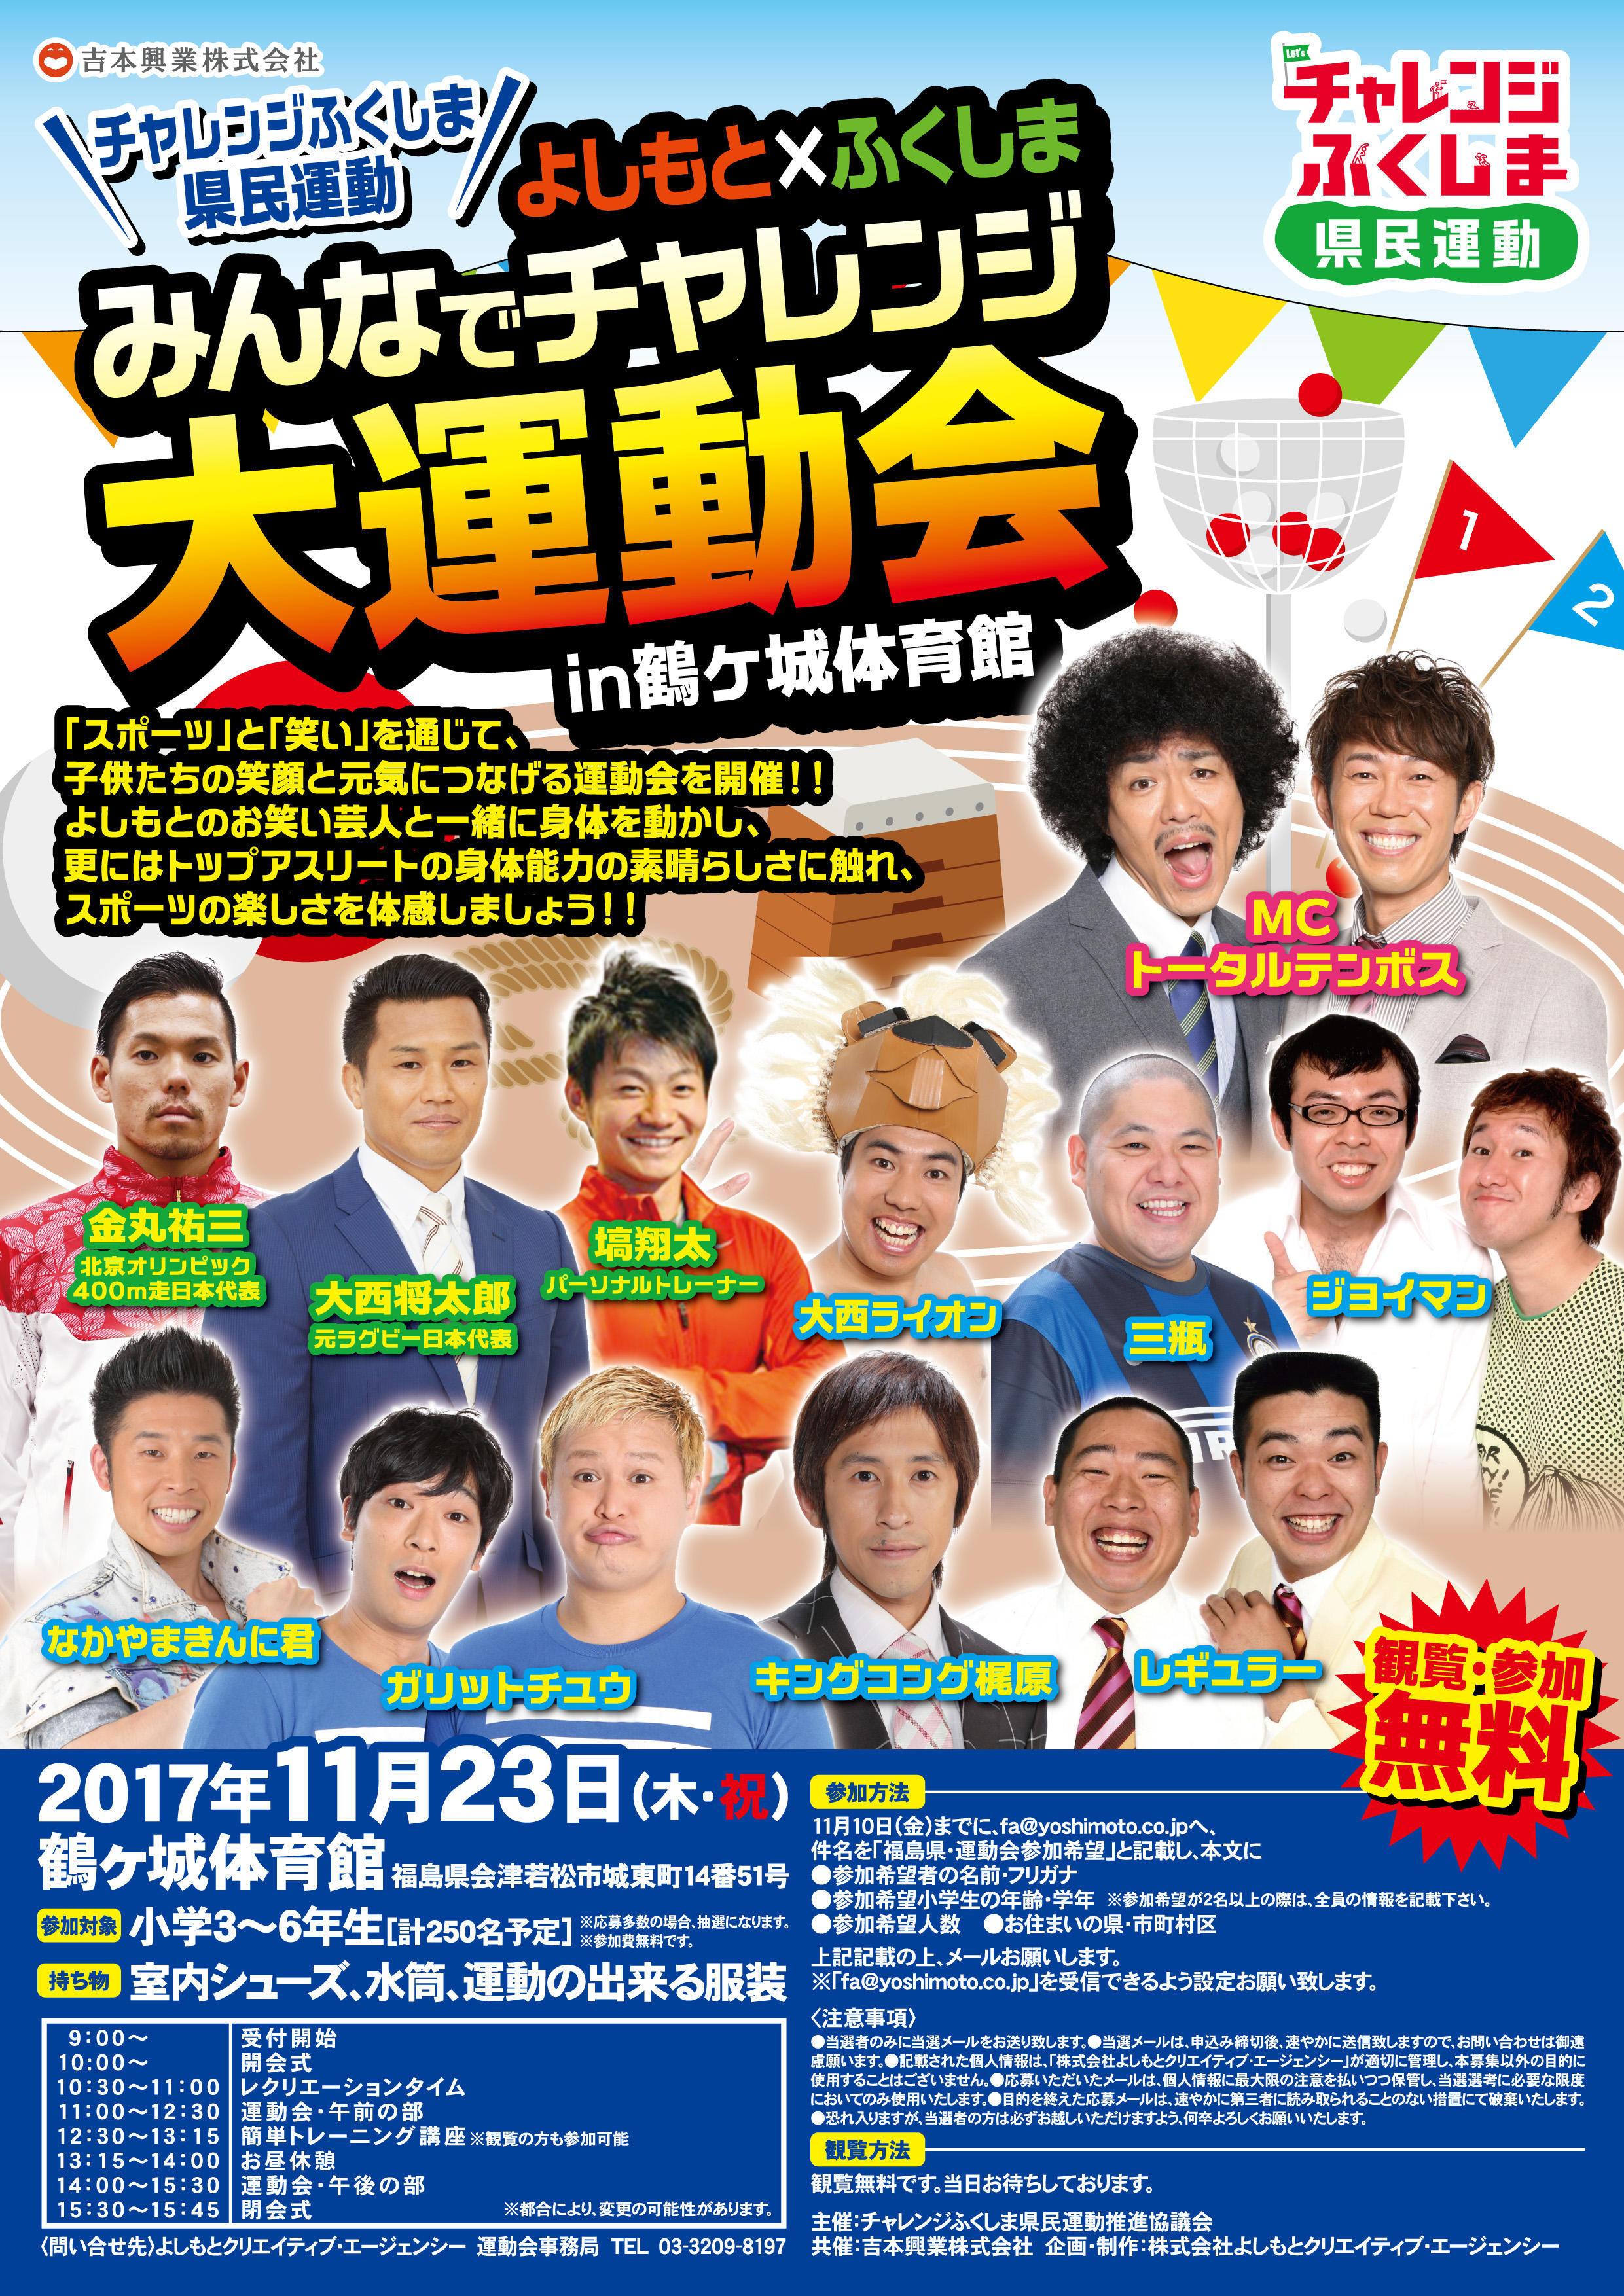 http://news.yoshimoto.co.jp/20171010155315-b502df5ce3ba0ab1fb3c1d024fd96e90fa7d9b6f.jpg